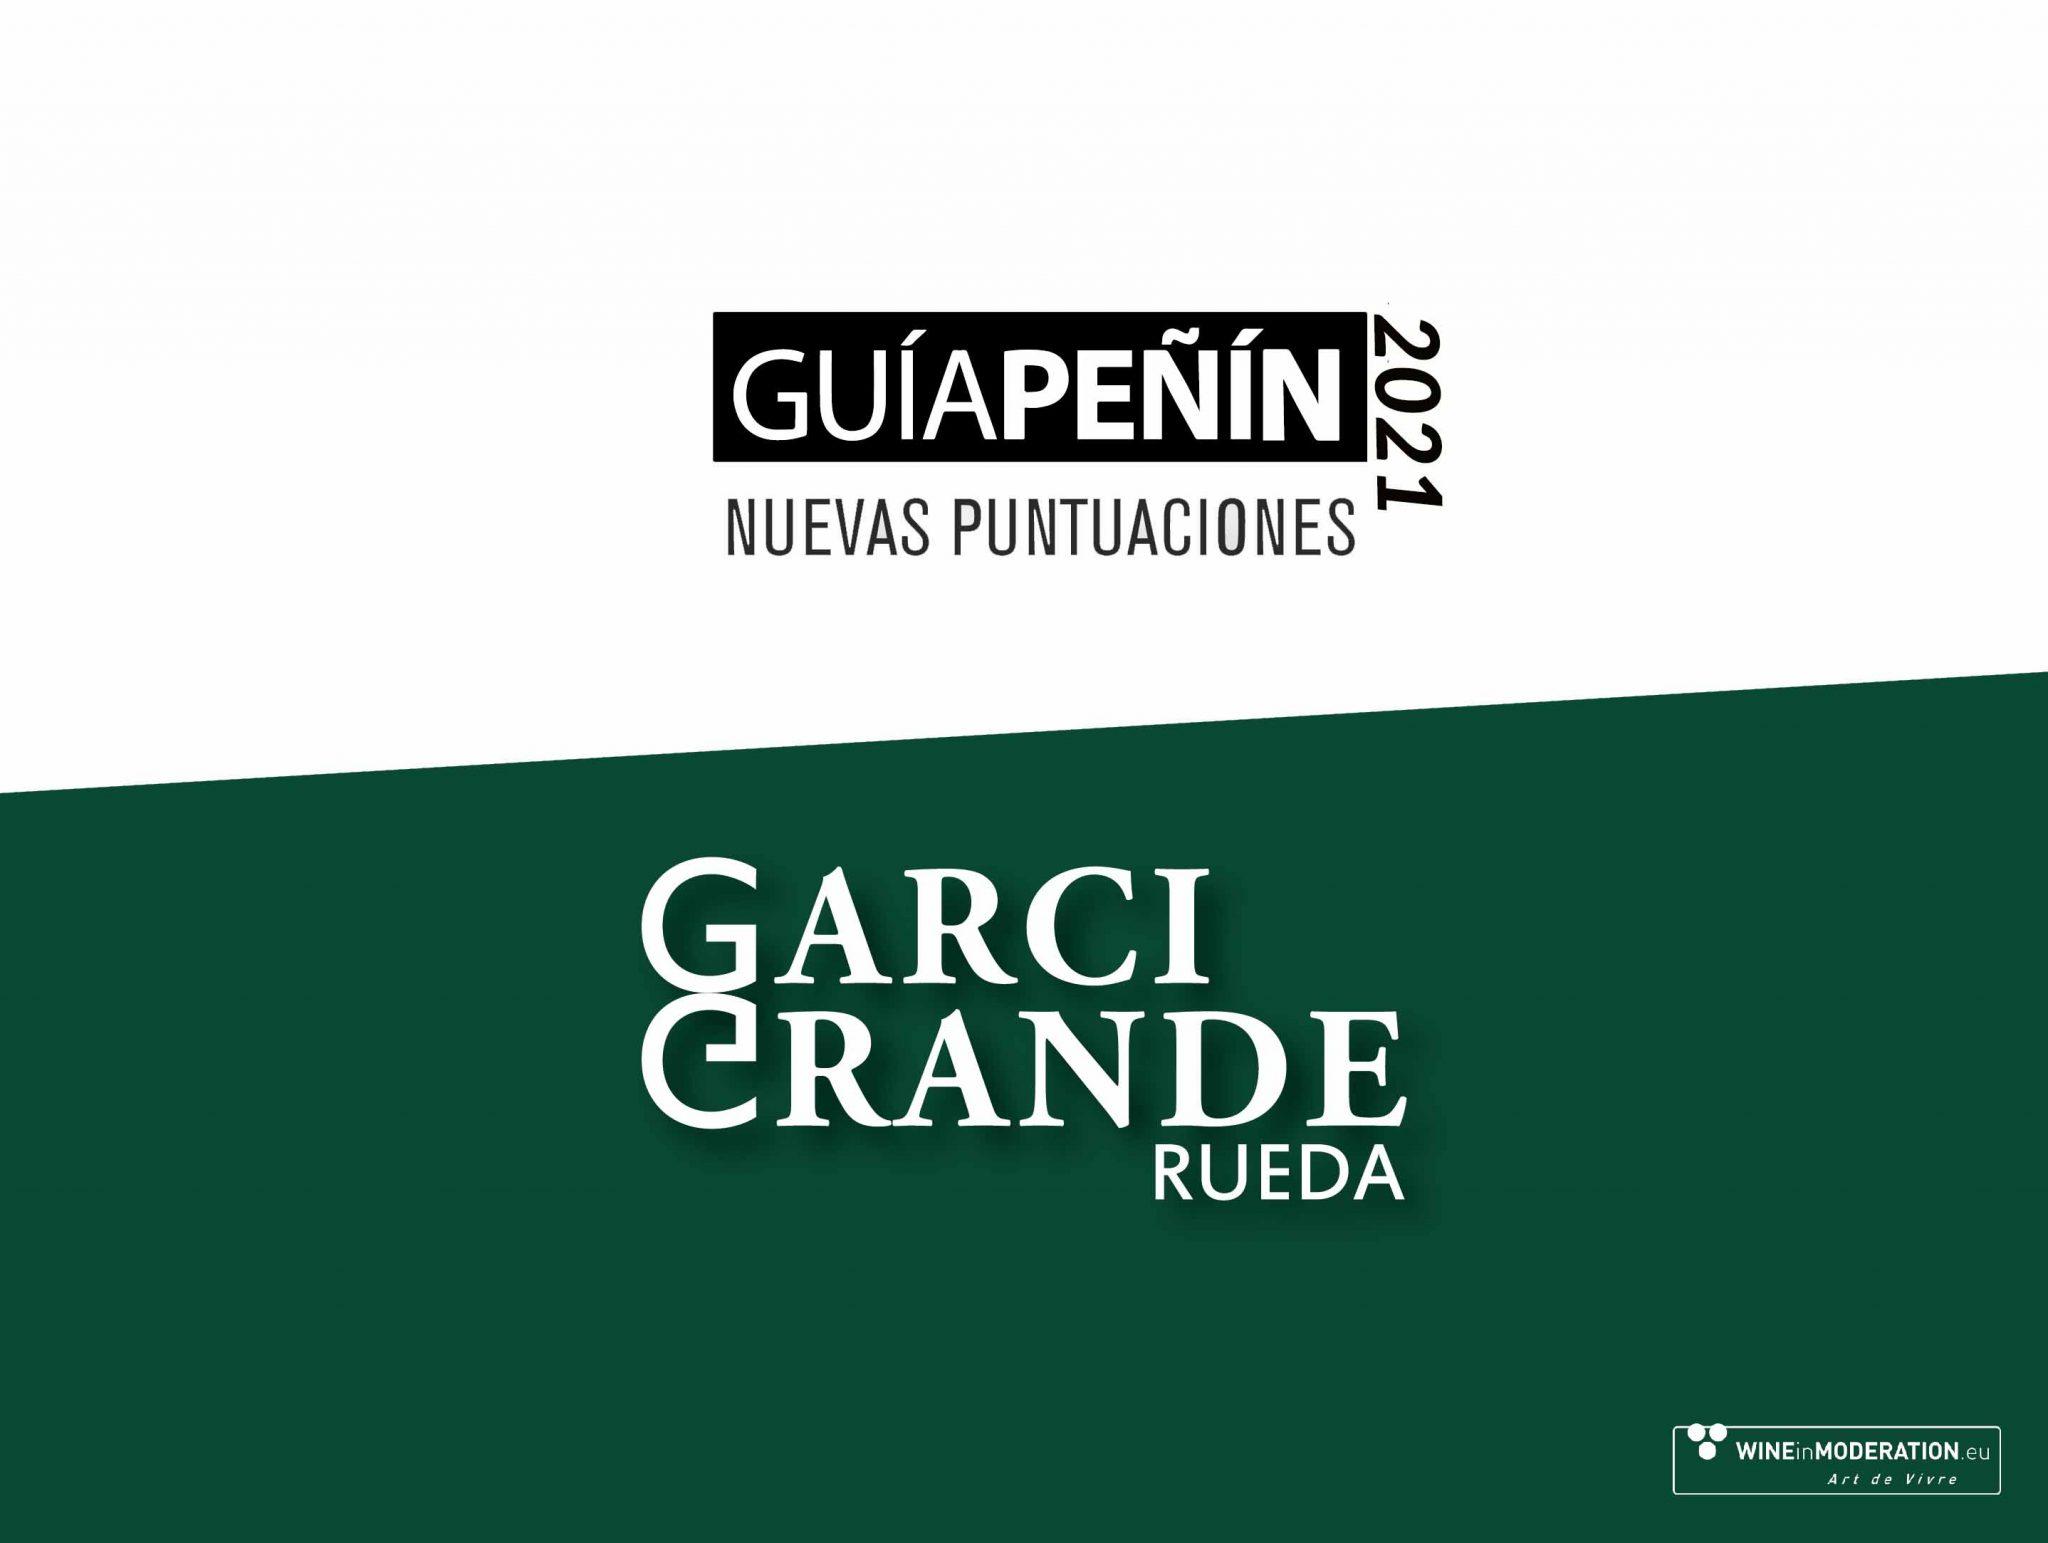 La nueva guía Peñín 2021 valora a Garcigrande